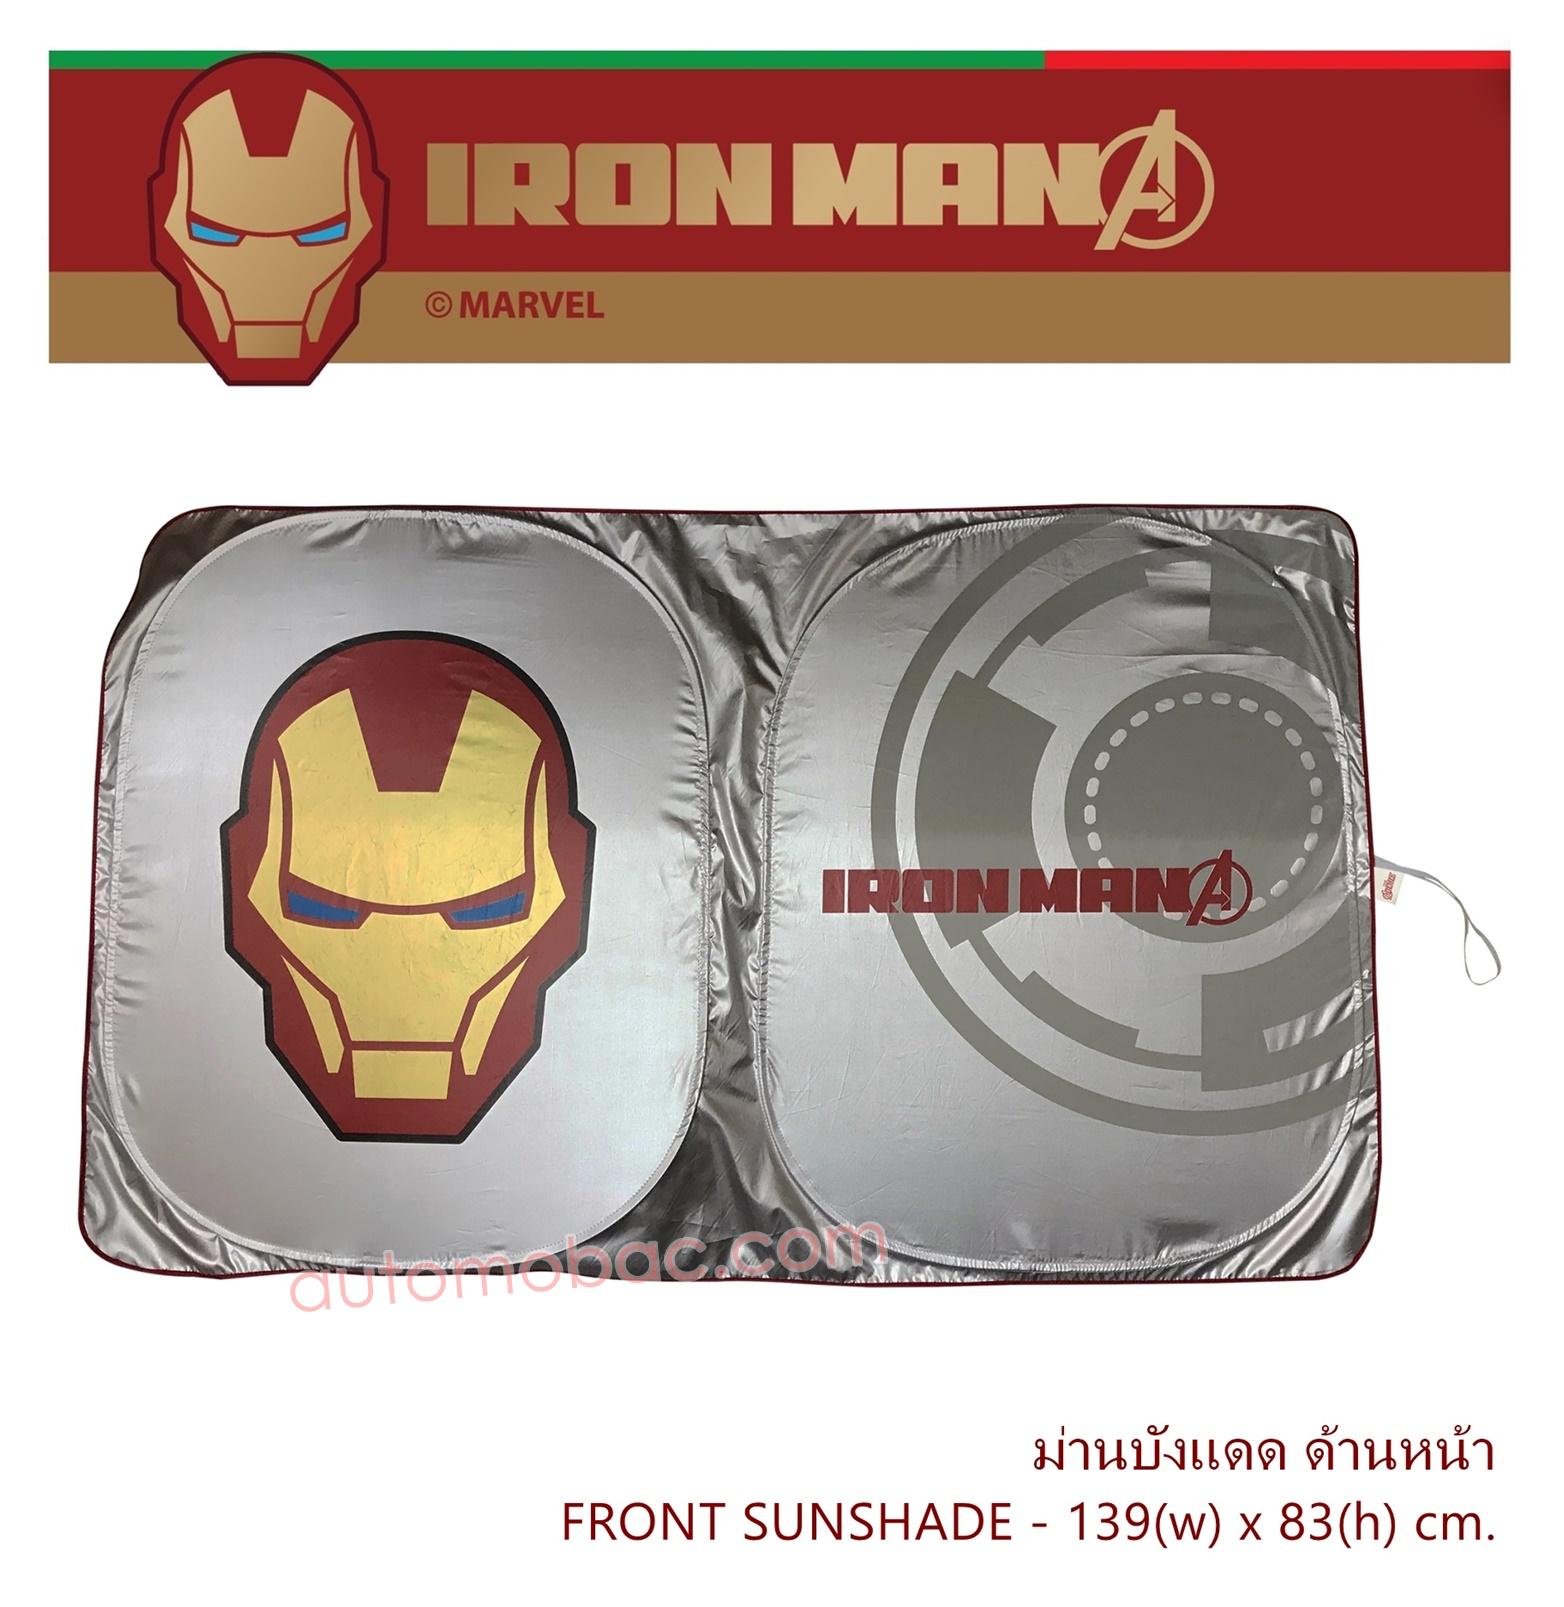 IRON-MAN ม่านบังแดดด้านหน้า ใช้บังแดดเพื่อปกป้อง UV และความร้อนที่ผ่านเข้ามา ขนาด 83x139 cm.